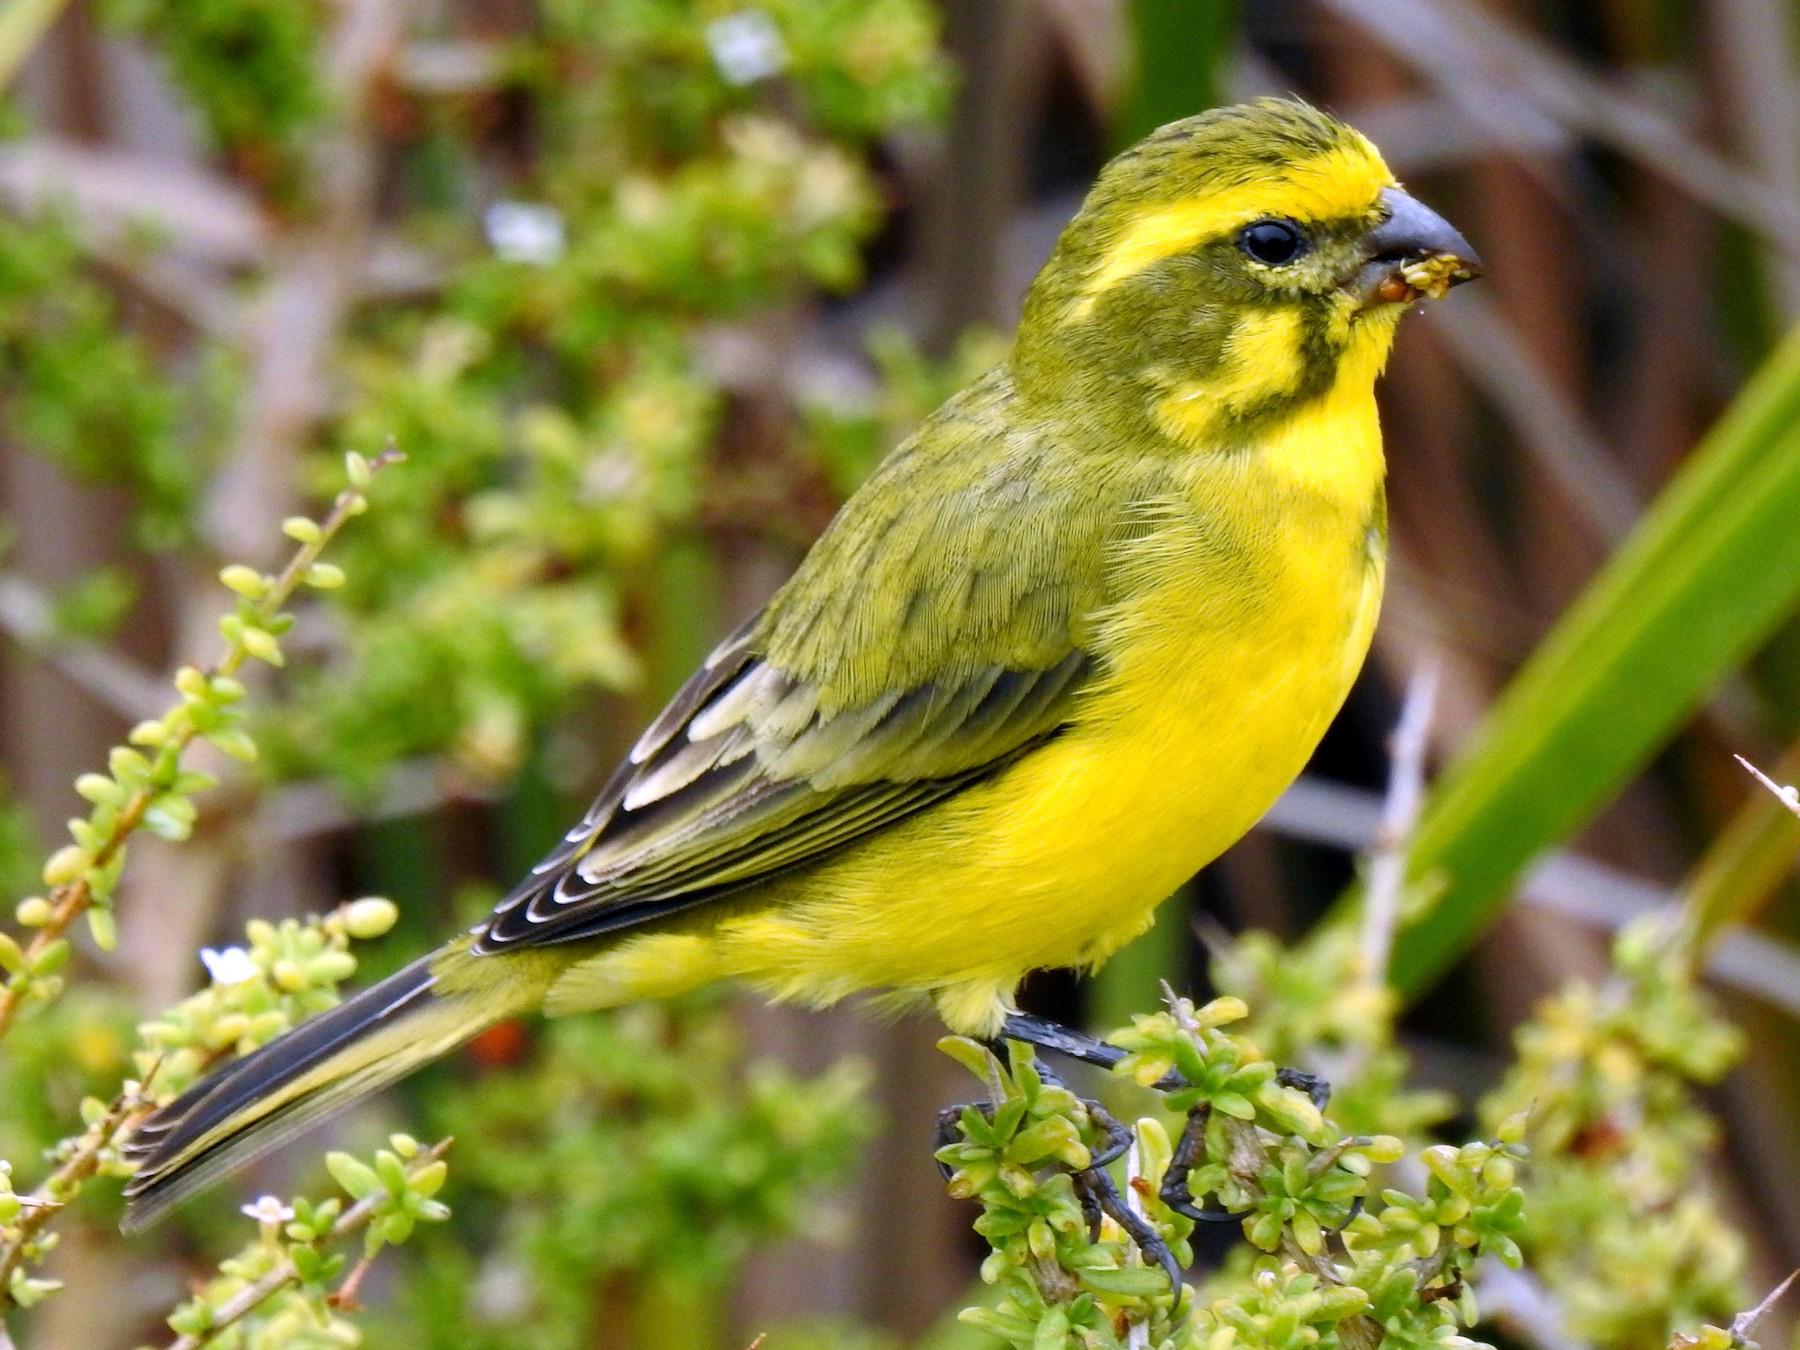 Yellow Canary - bob butler